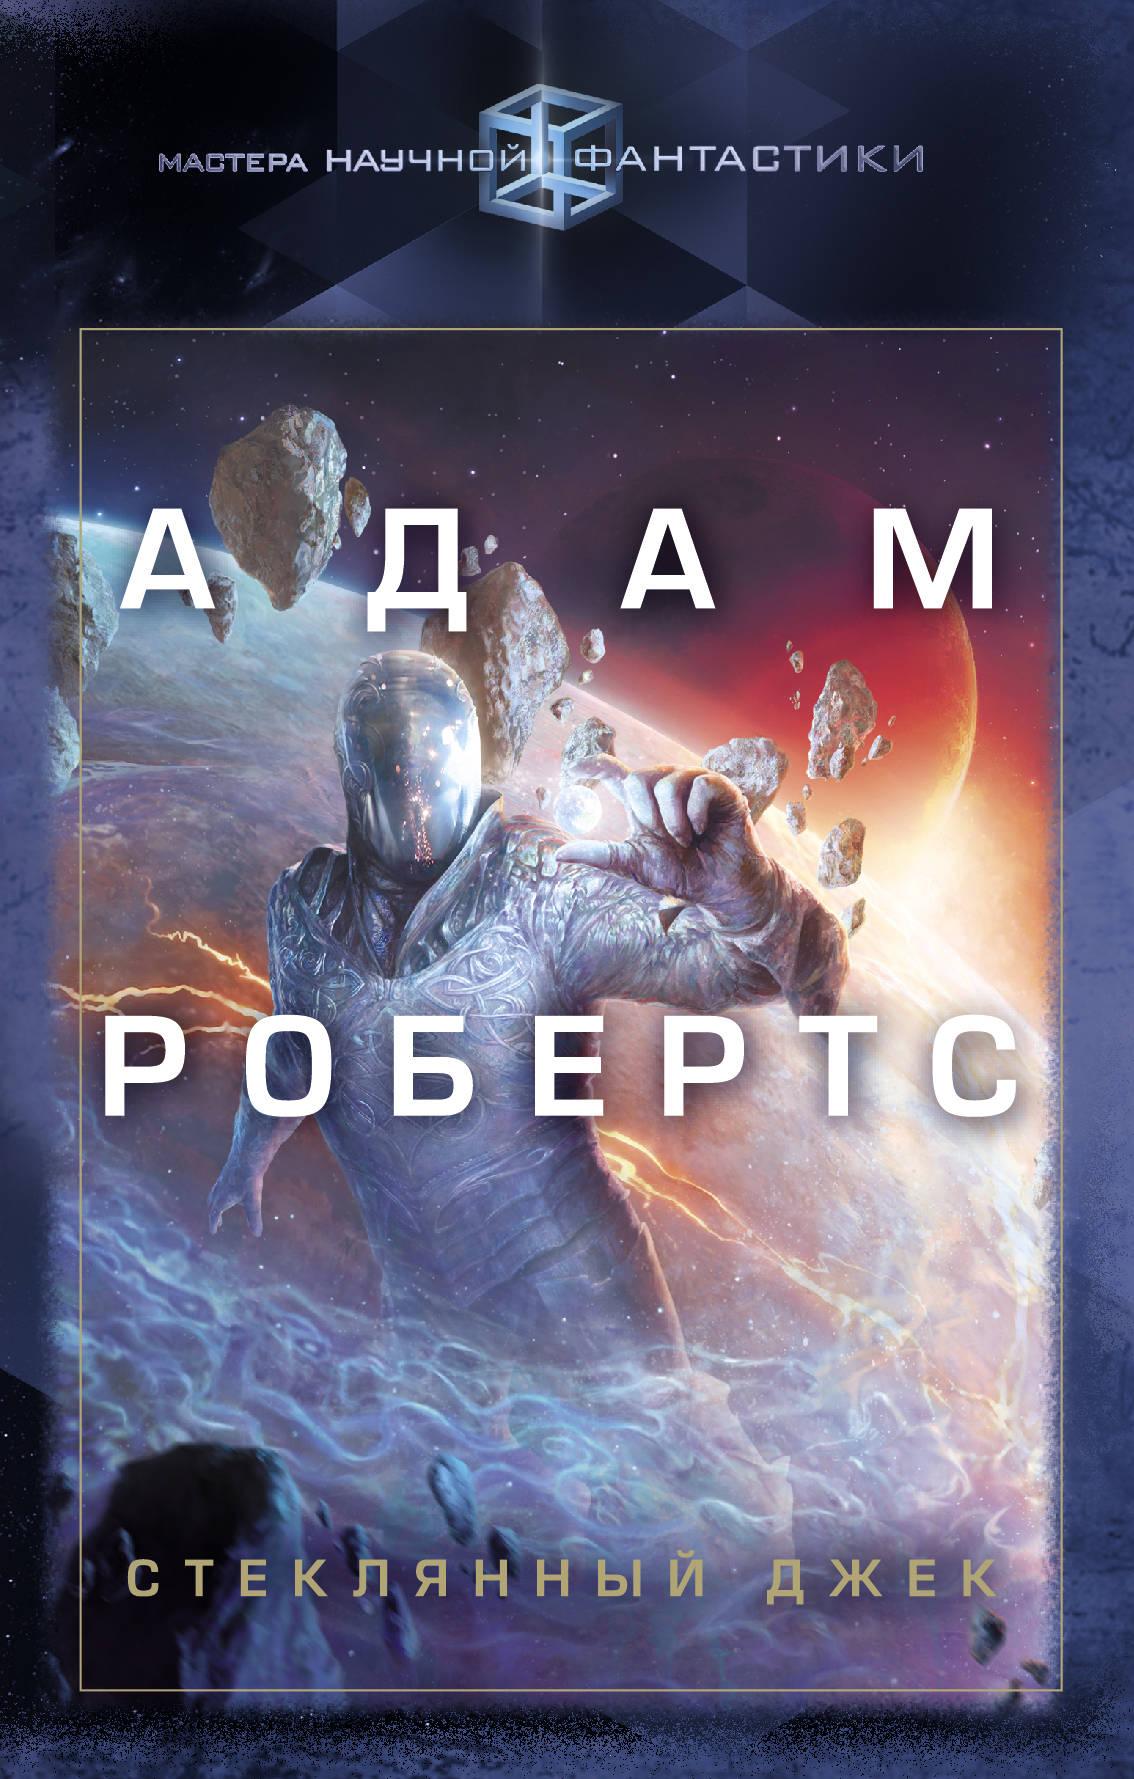 Адам Робертс Стеклянный Джек